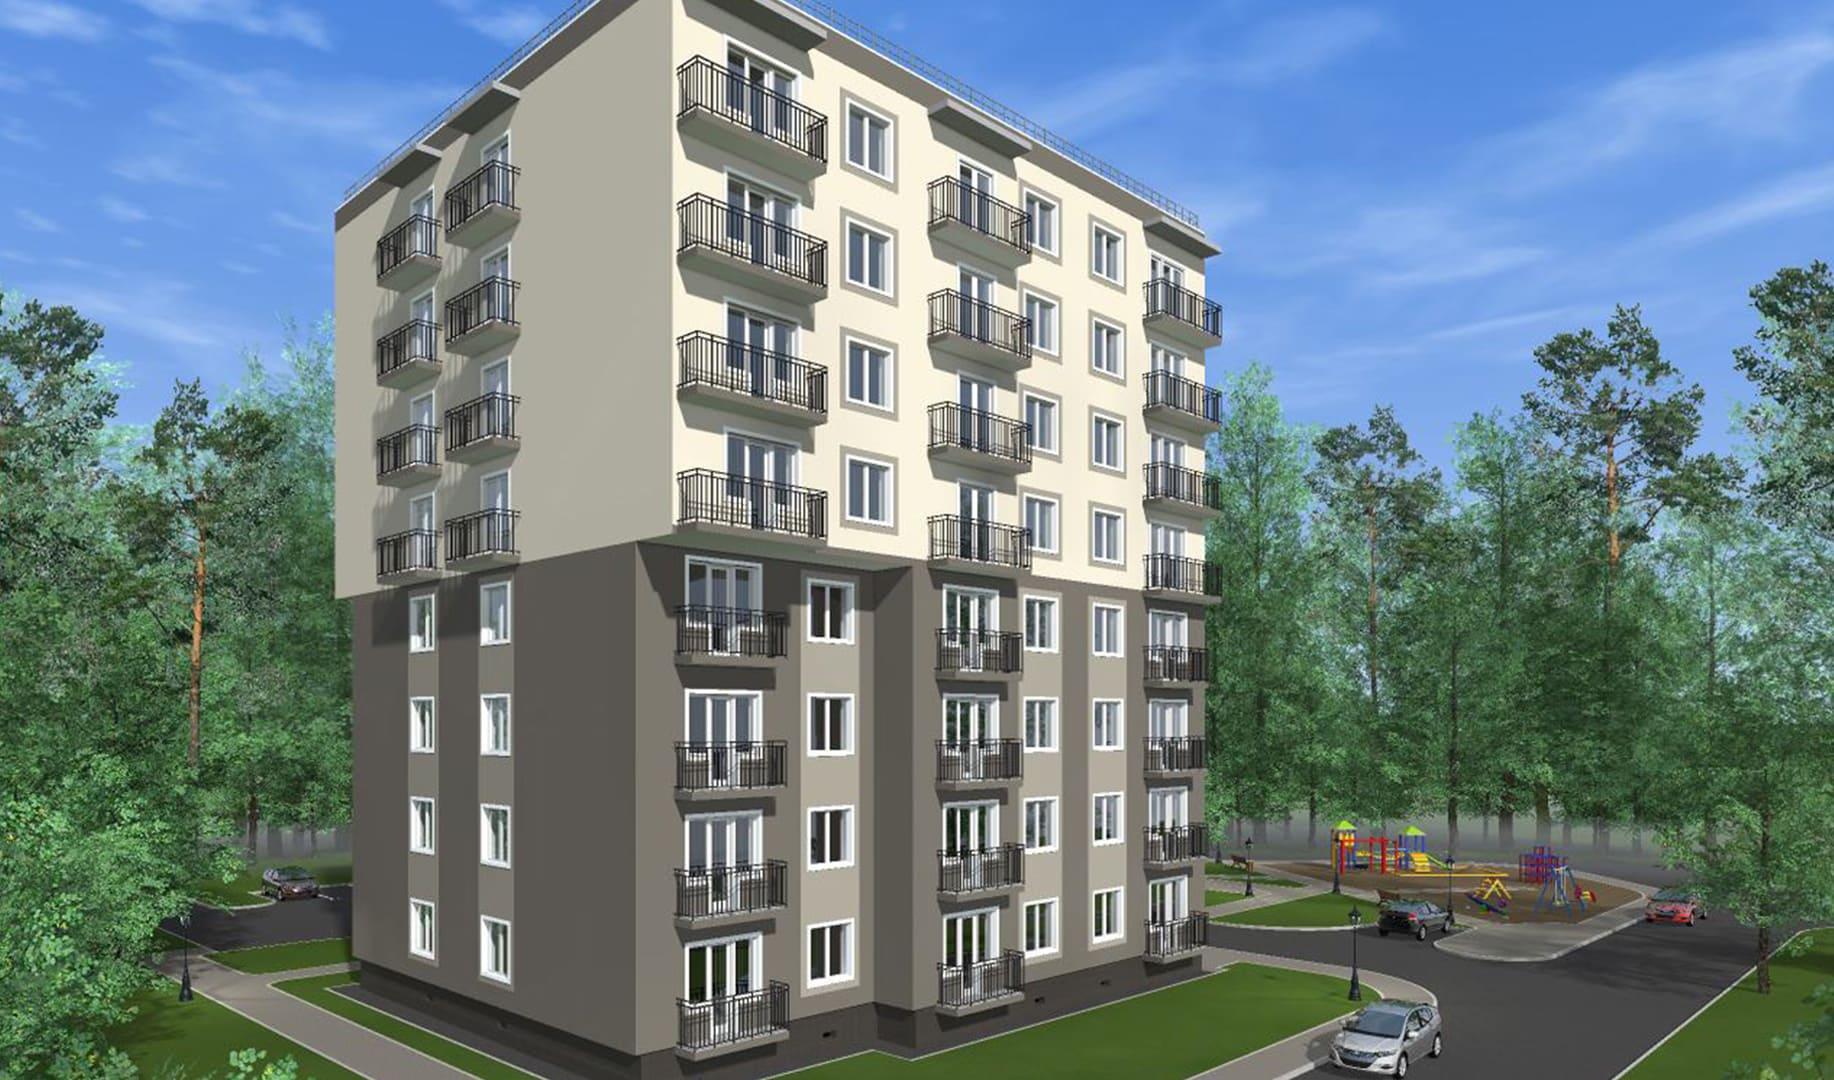 Жилой дом на улице Сосновая, г. Светлогорск - Фотография 5